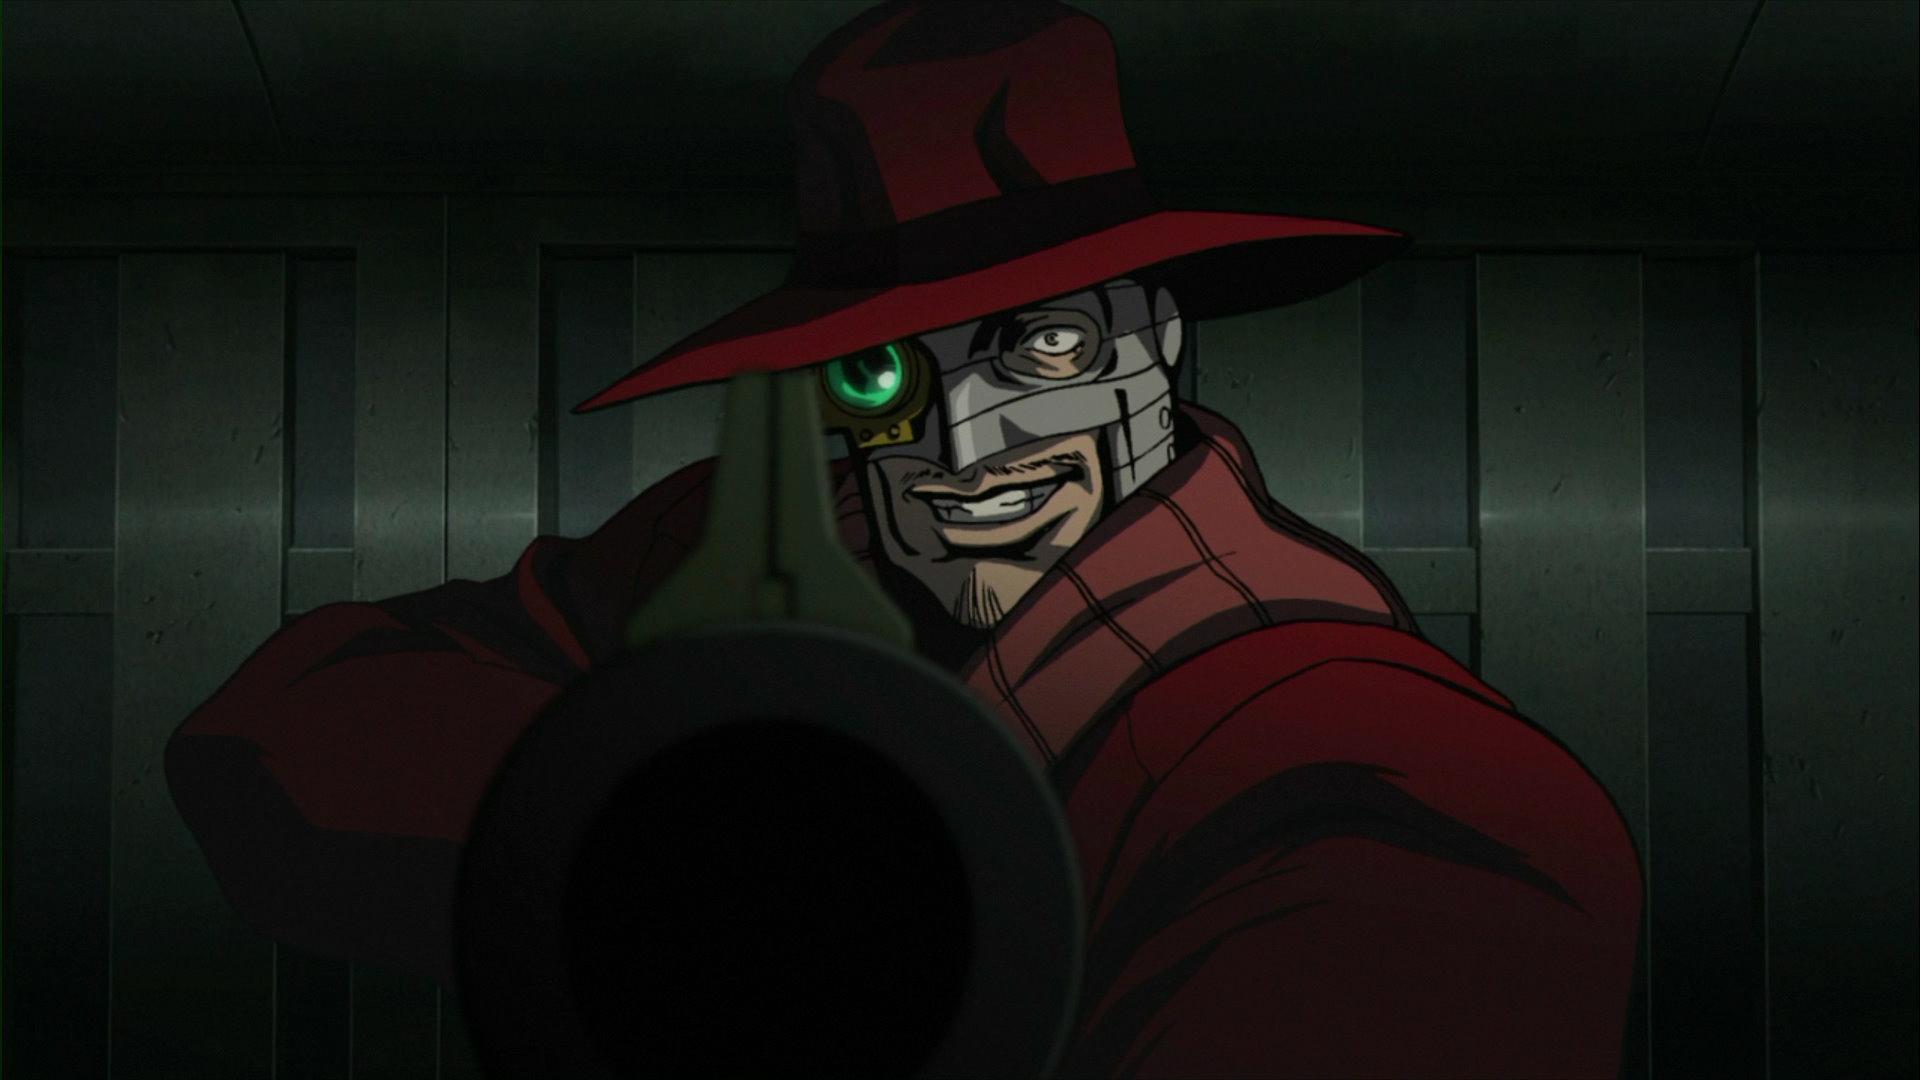 http://vignette3.wikia.nocookie.net/dcmovies/images/5/55/Deadshot_(Batman_Gotham_Knights).jpg